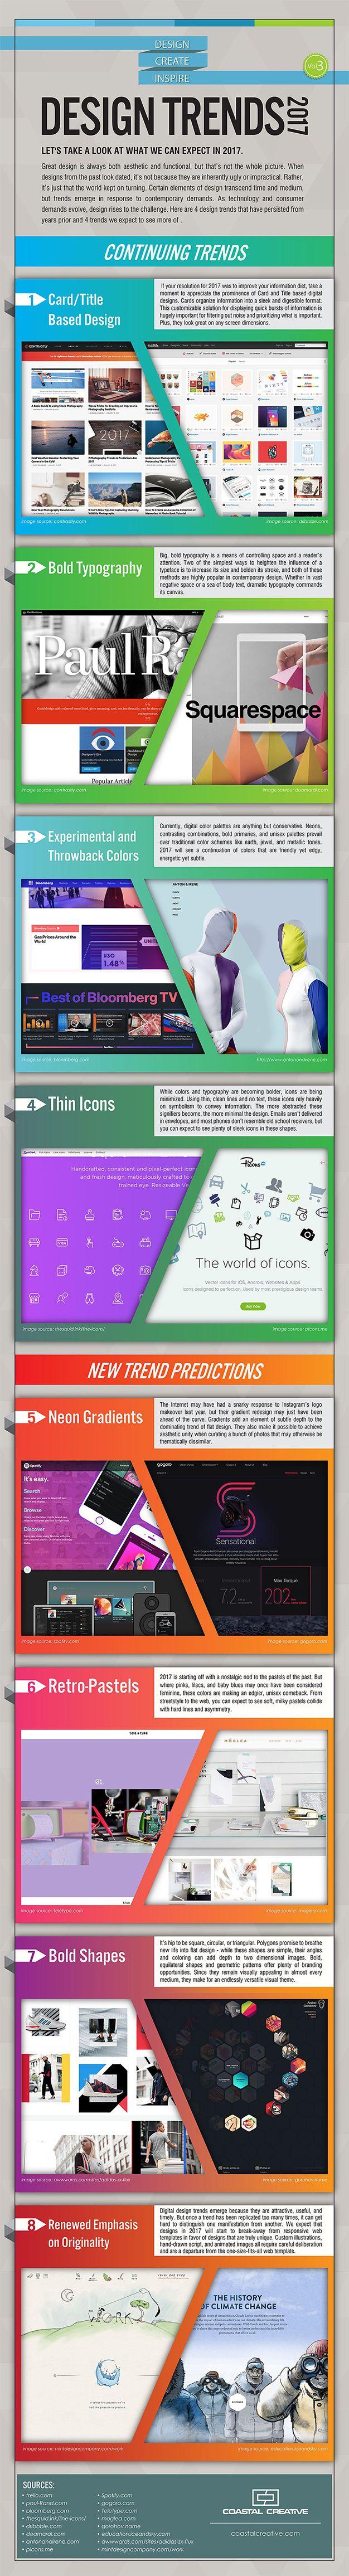 8 tendencias de diseño gráfico para este año: 4 actuales, 4 de nueva hornada - Marketing Directo